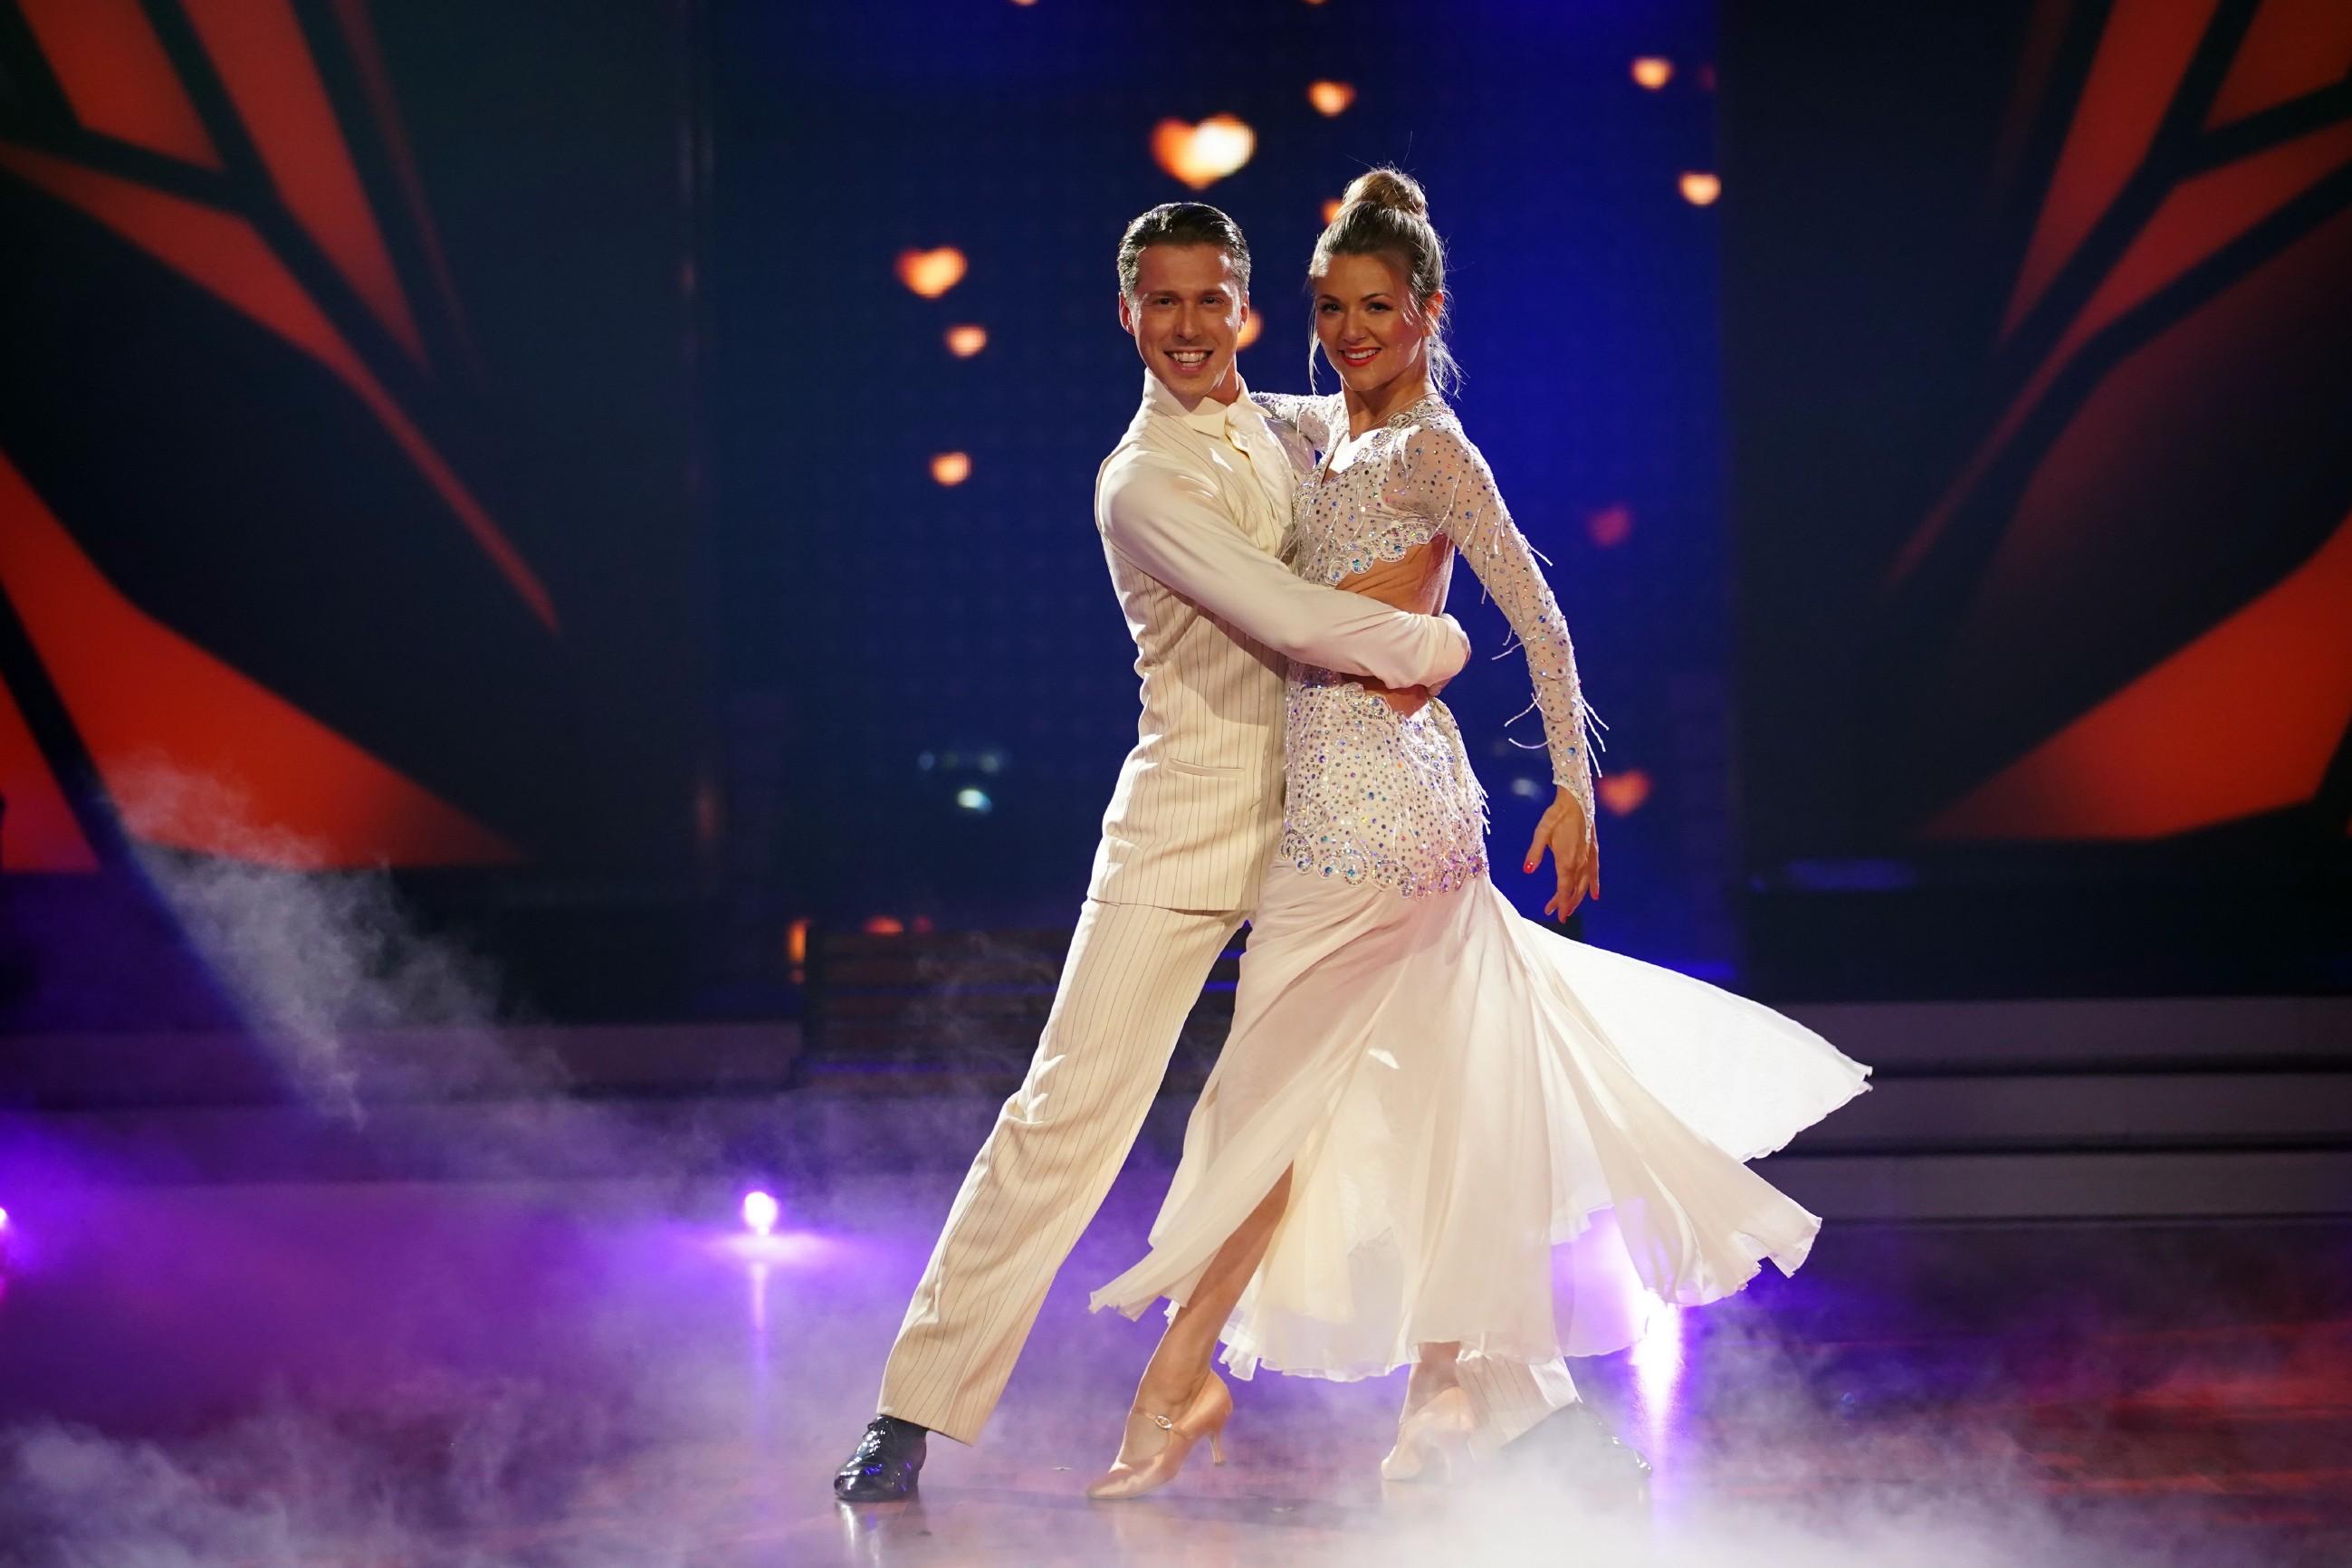 Ella Endlich und Valentin Lusin tanzen Slowfox